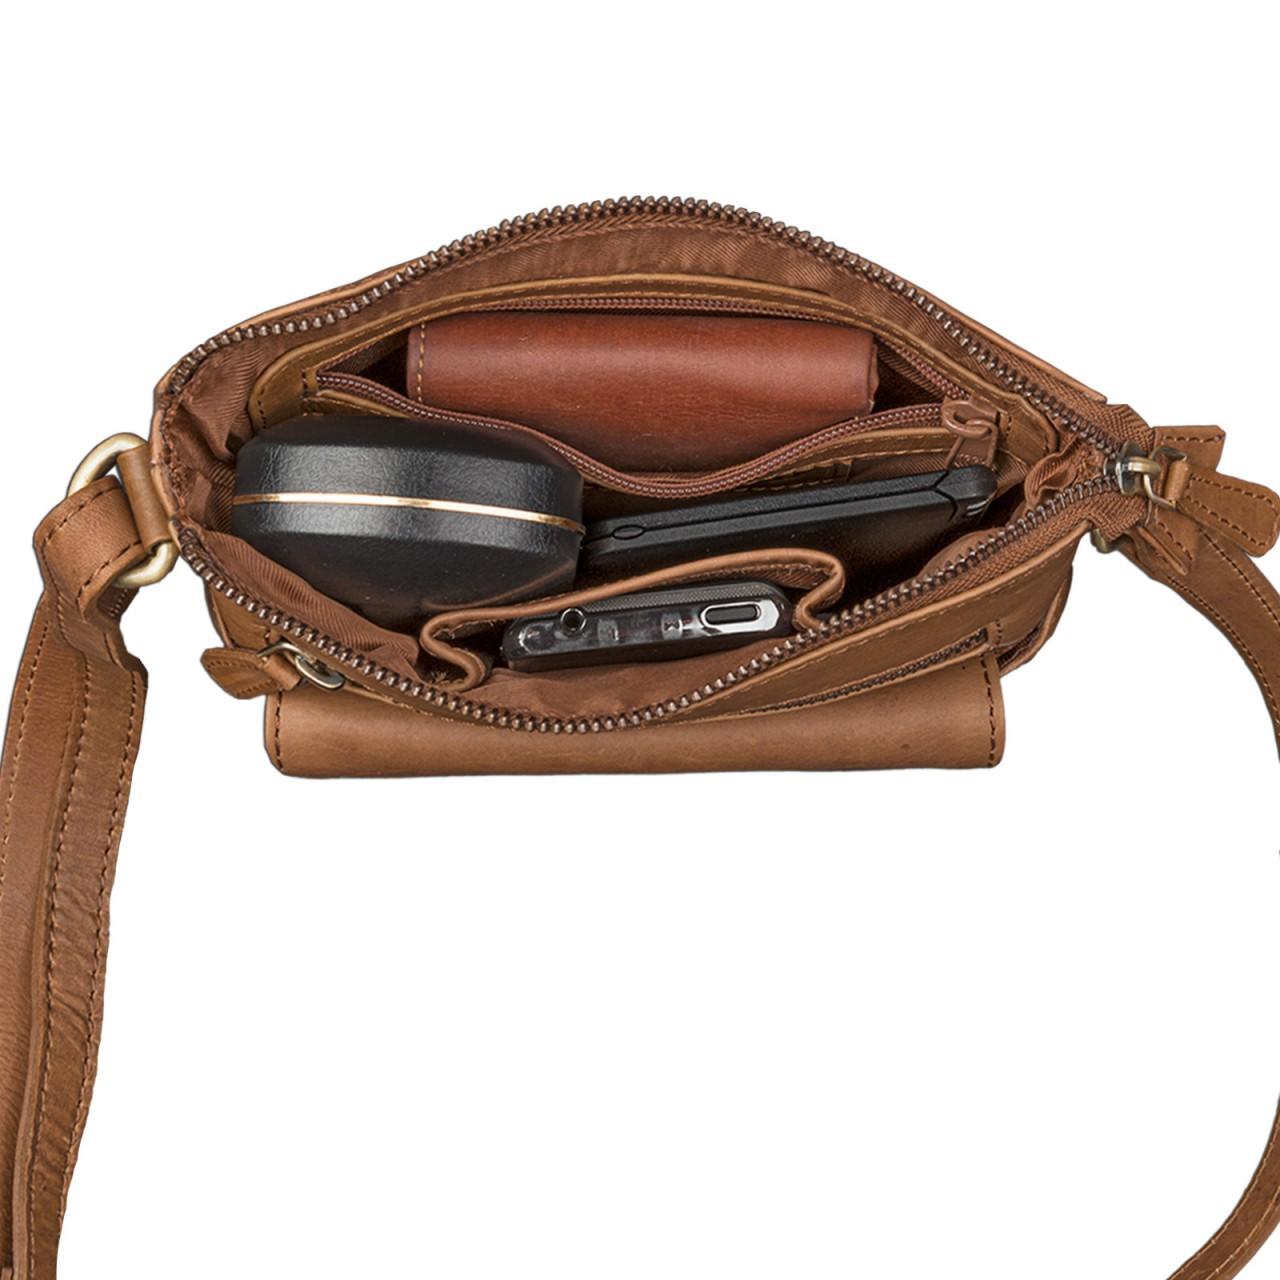 STILORD Vintage Umhängetasche klein Damen braun Schultertasche Handtasche Ausgehen Freizeit Abendtasche Büffel Leder cognac braun - Bild 5